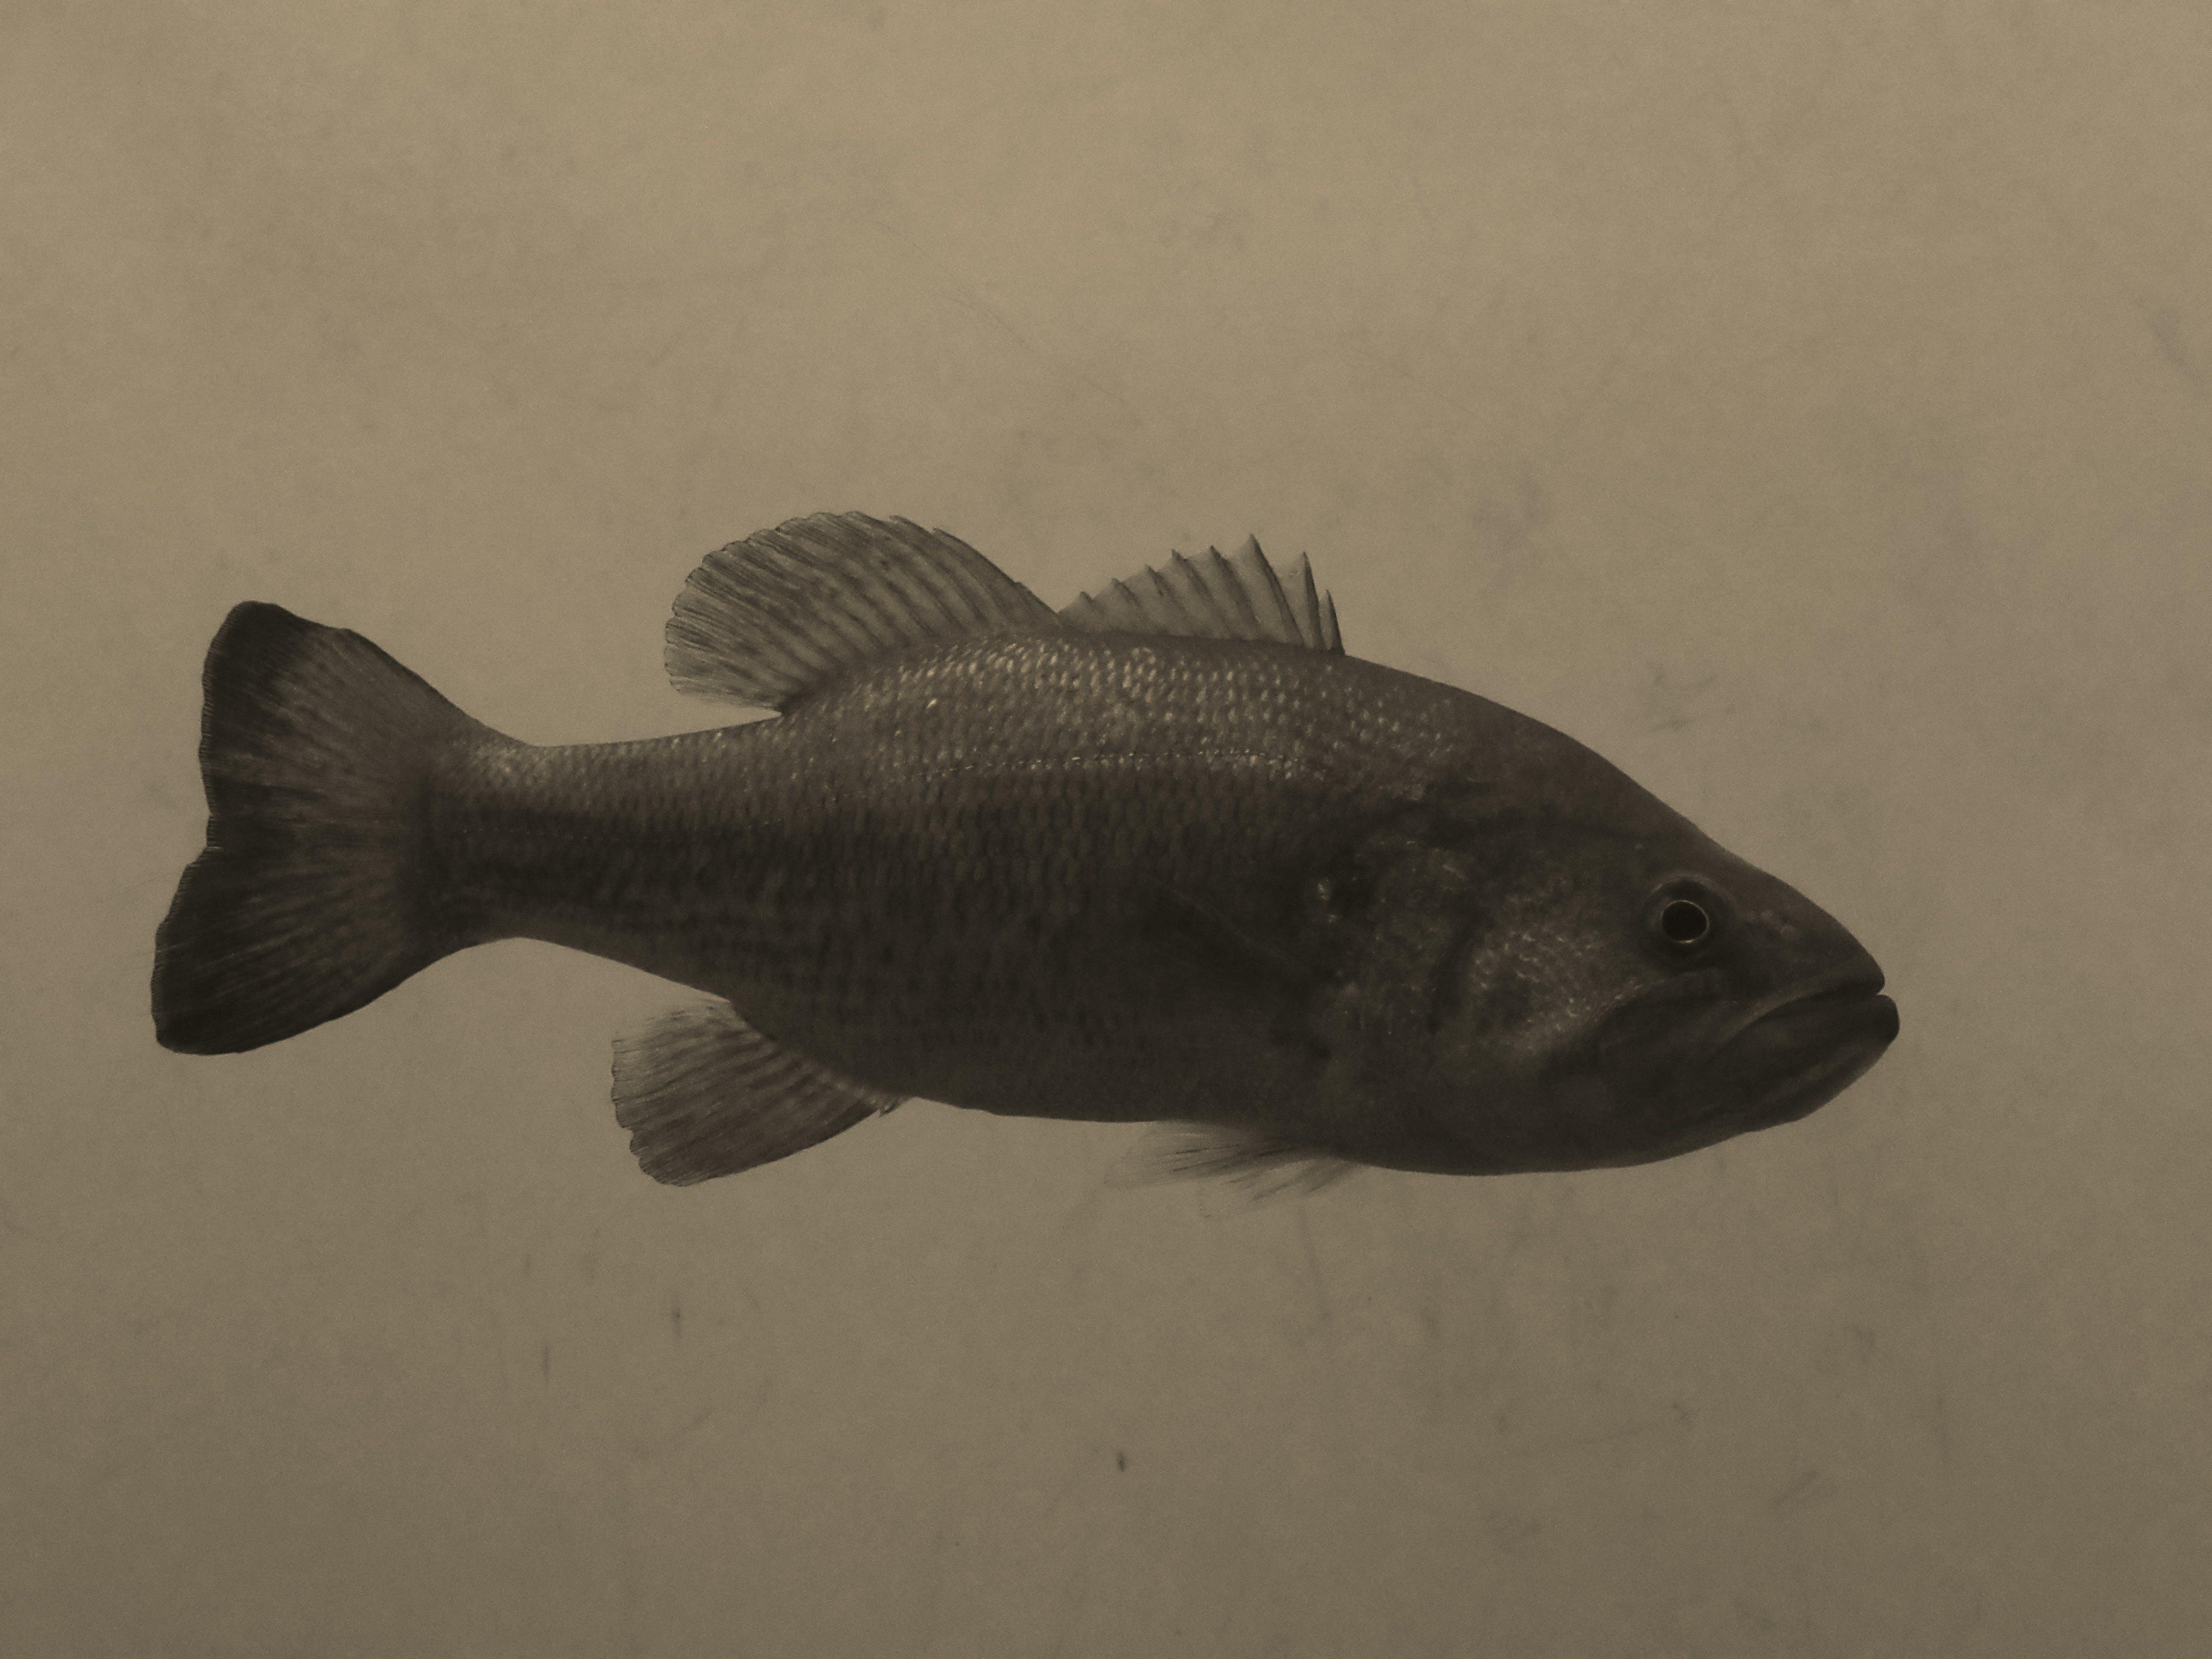 Free stock photo of nature, animal, fish, wild